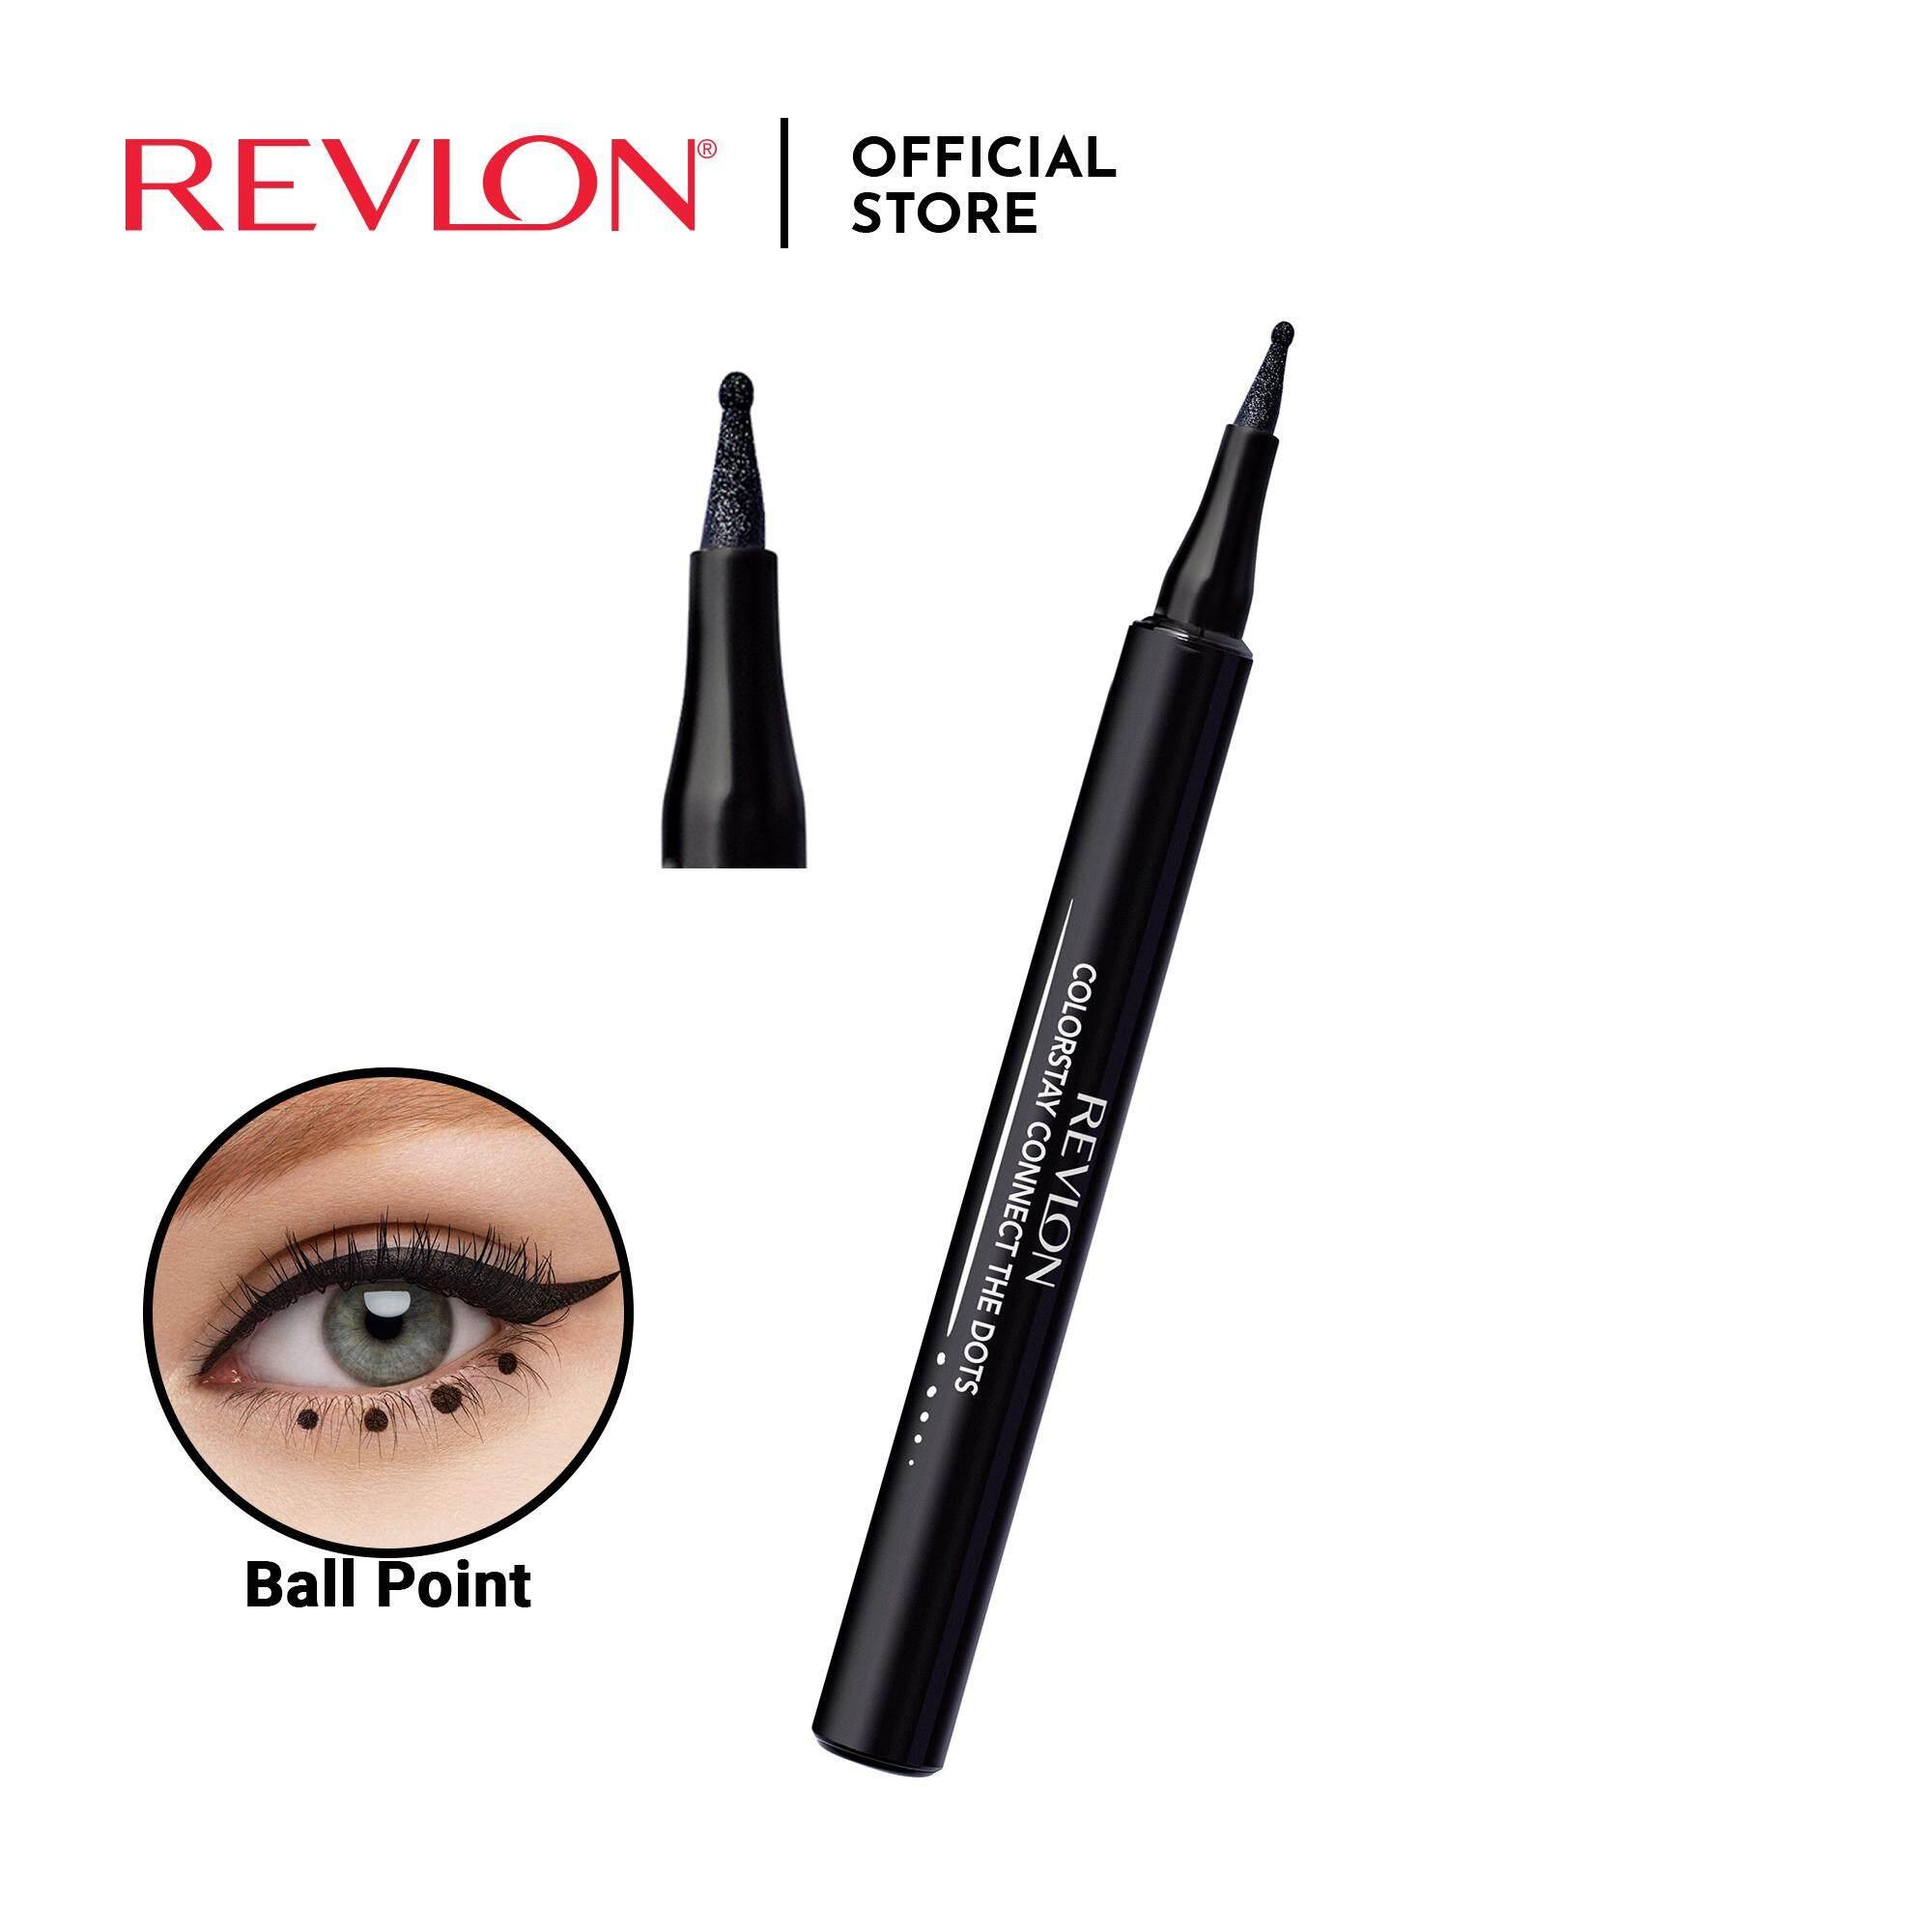 Revlon Colorstay Liquid Eye Pen (eye liner) Ball Point